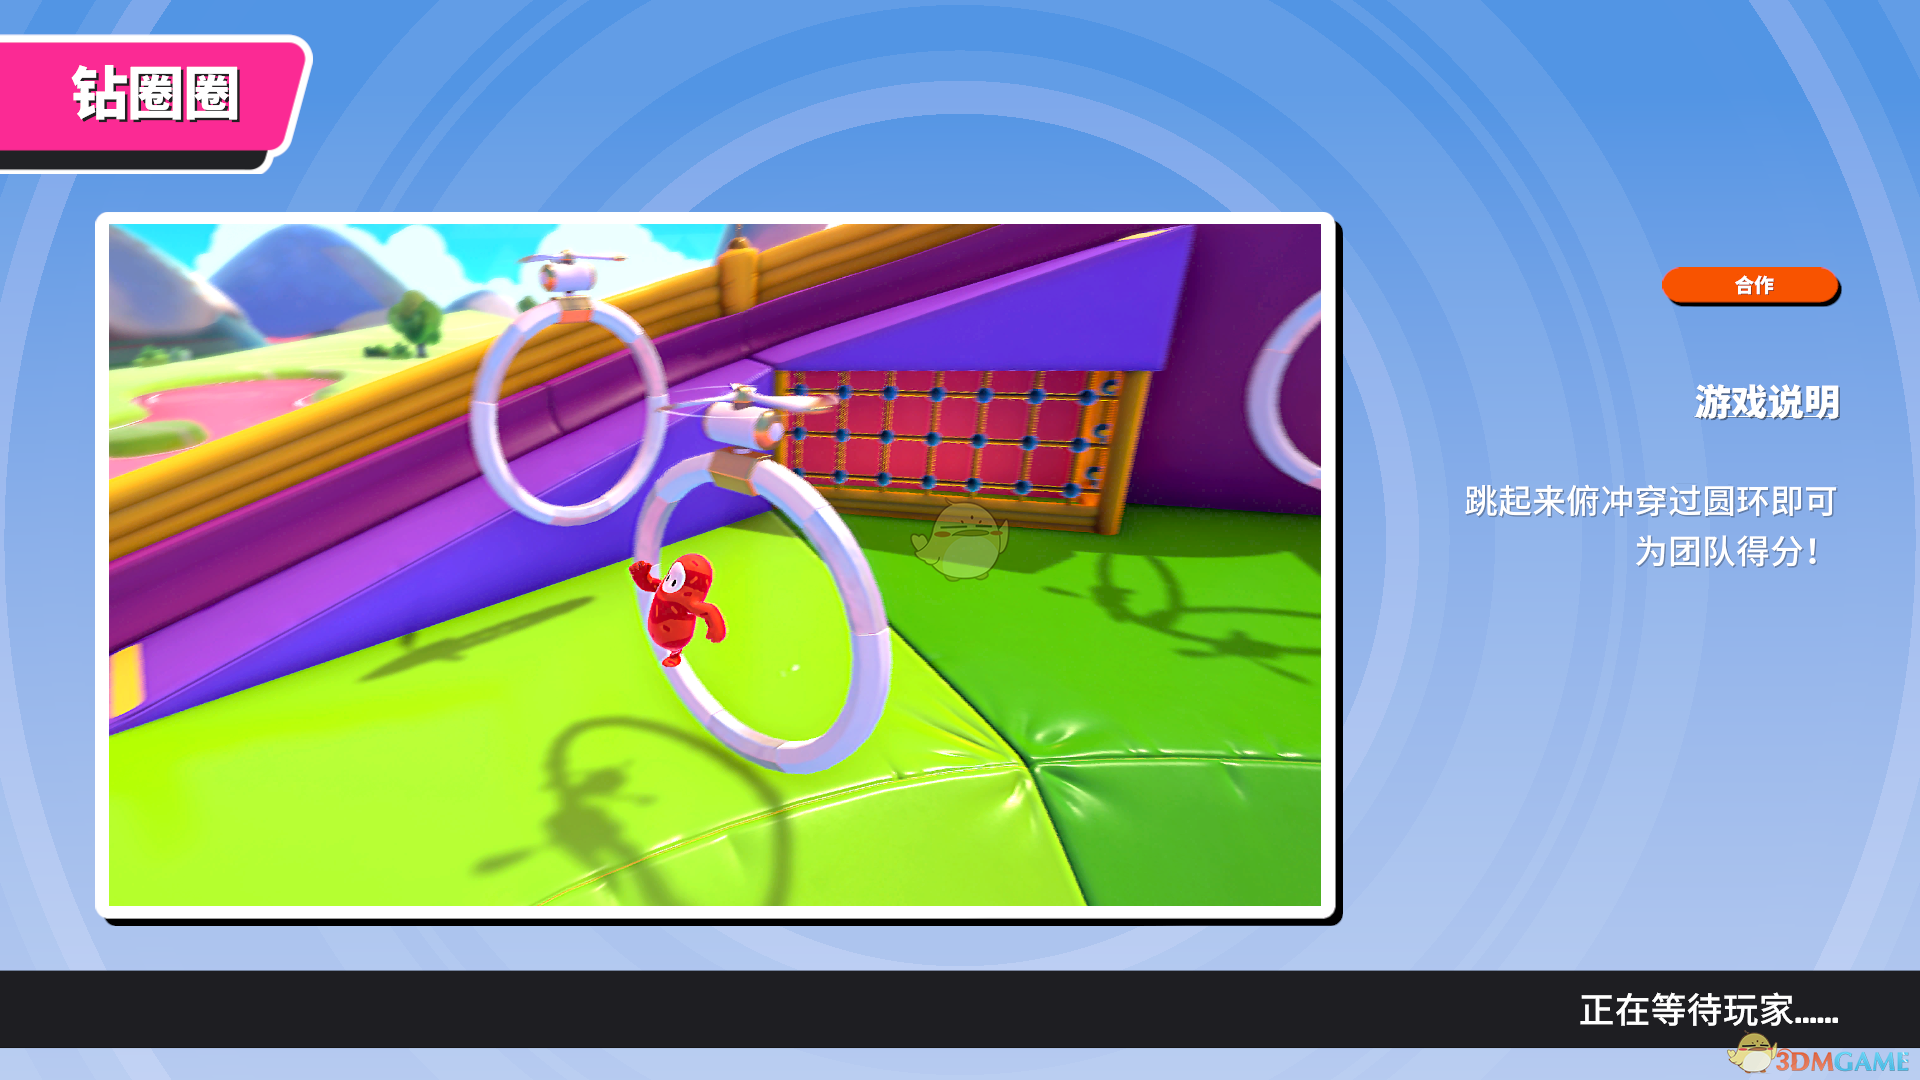 《糖豆人:终极淘汰赛》钻圈圈地图玩法介绍